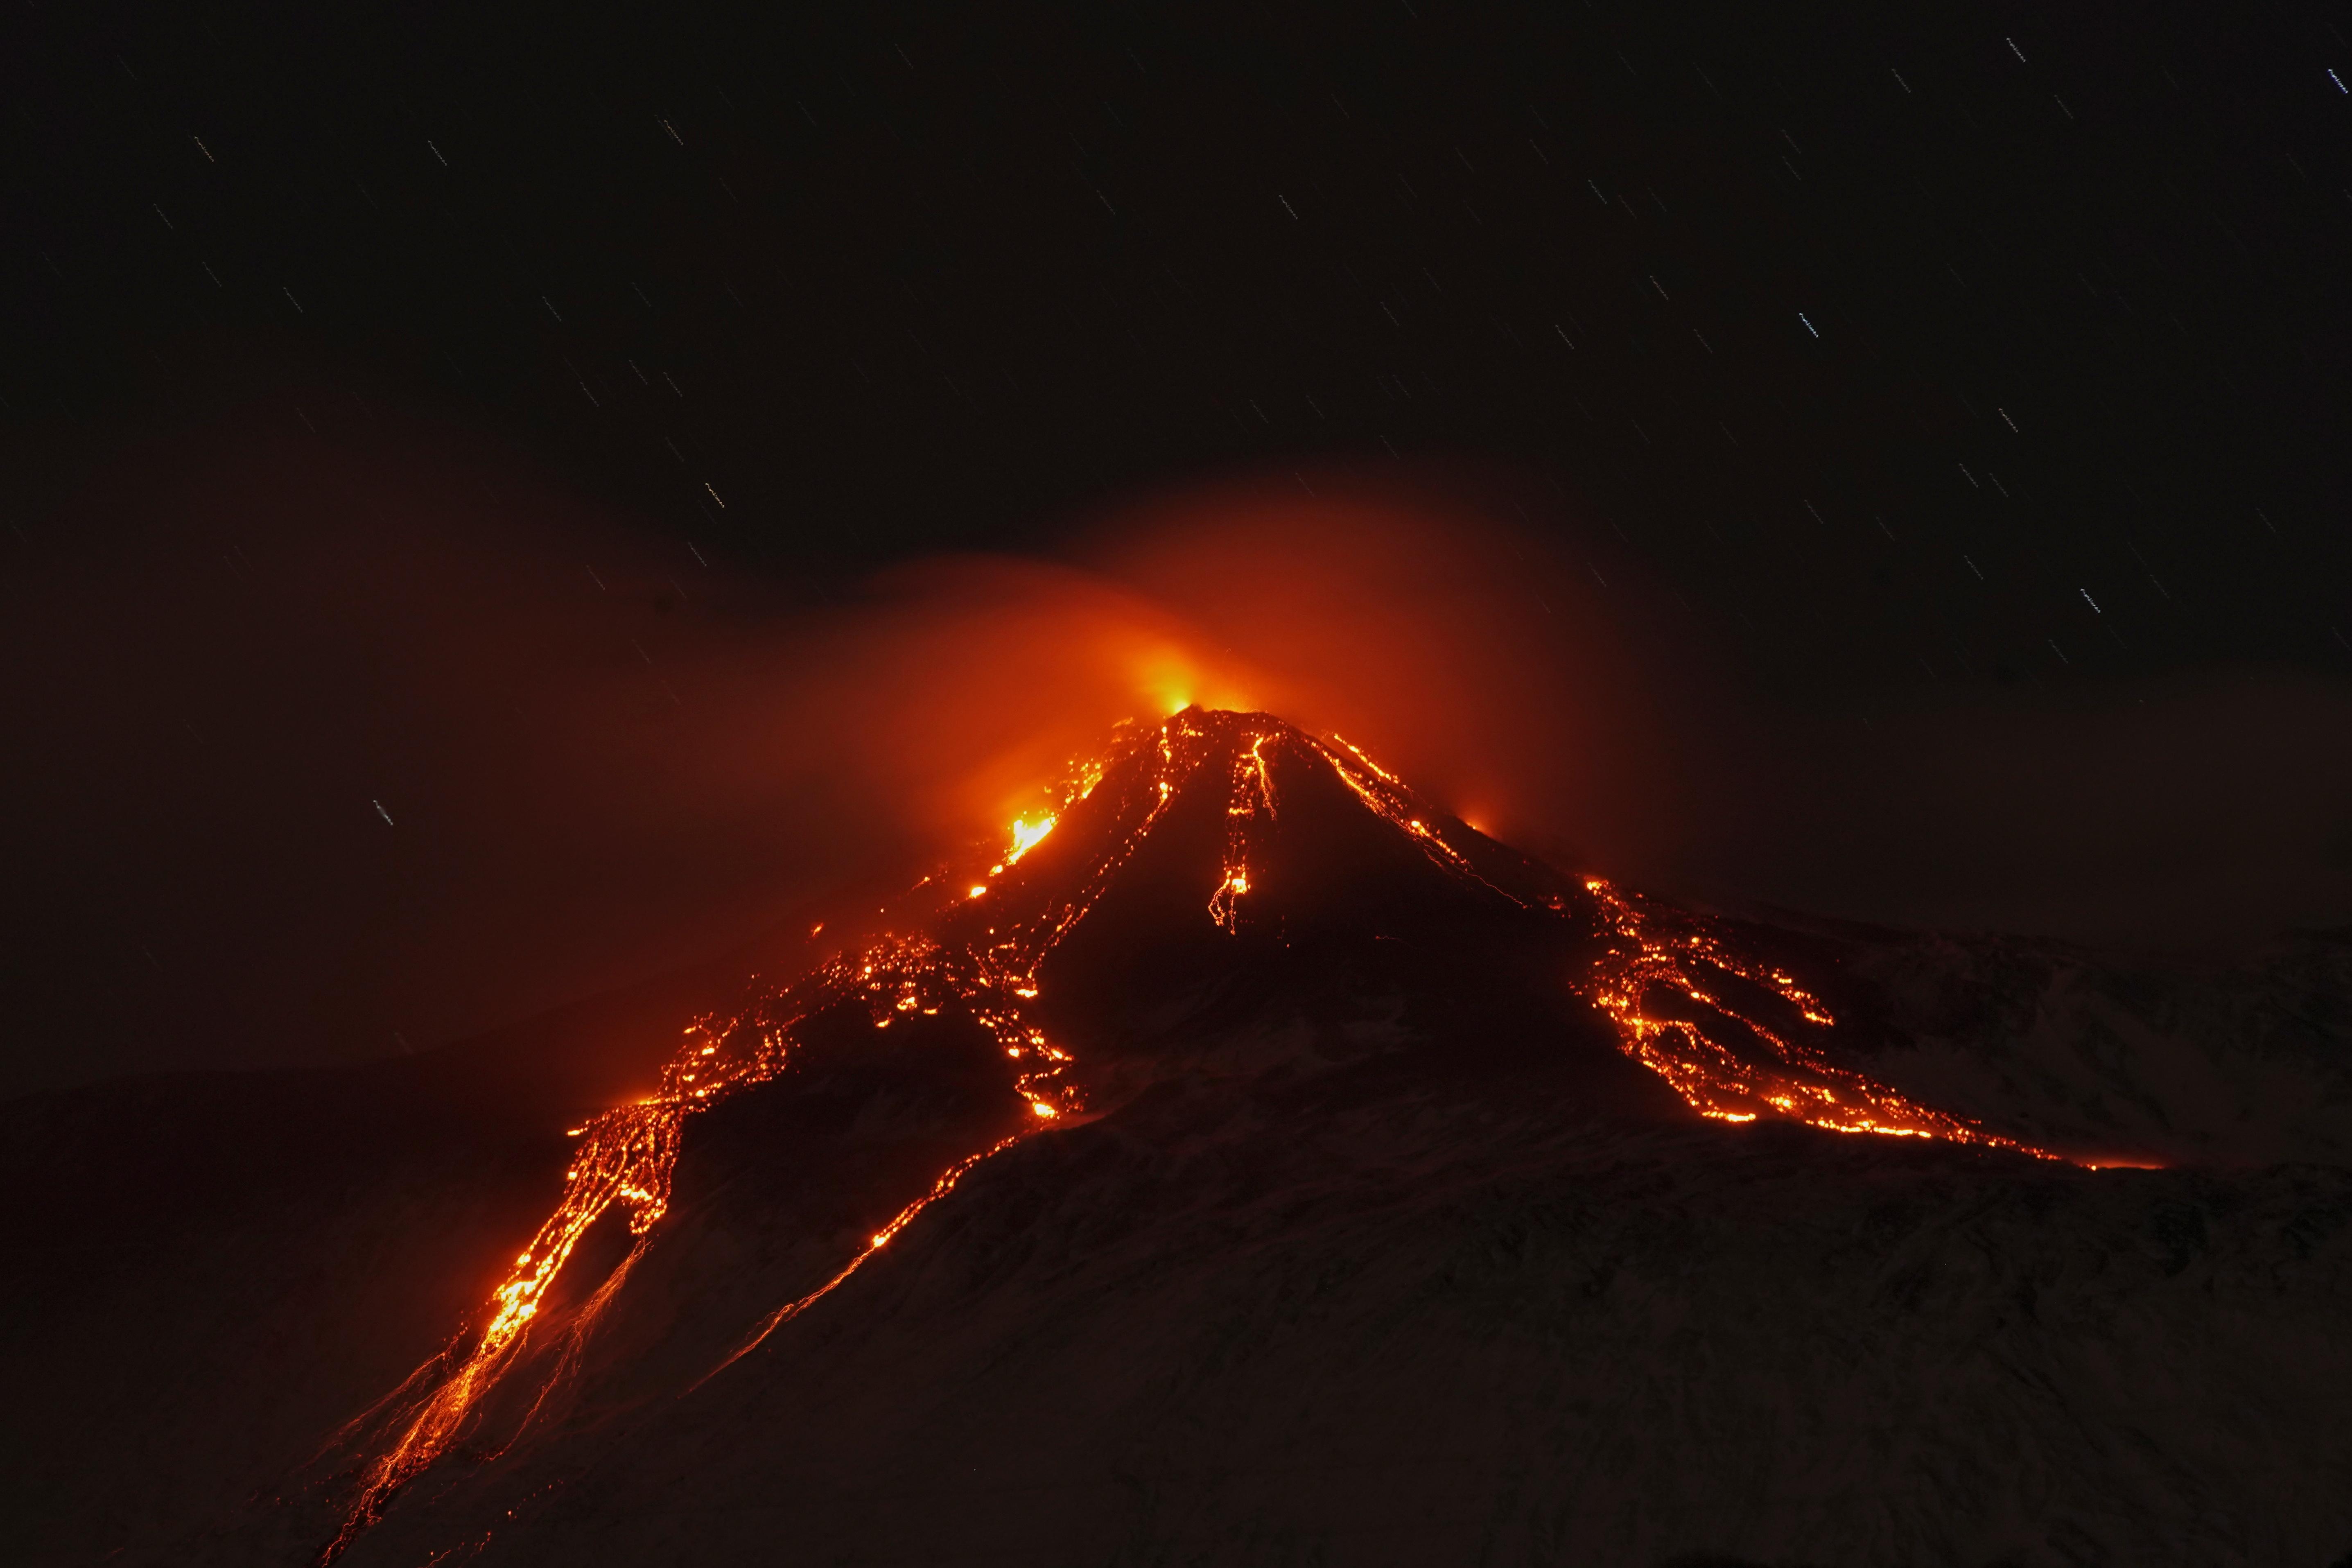 Vista del volcán Etna durante una erupción, desde la pequeña villa italiana de Fornazzo (Foto: Reuters/Antonio Parrinello)